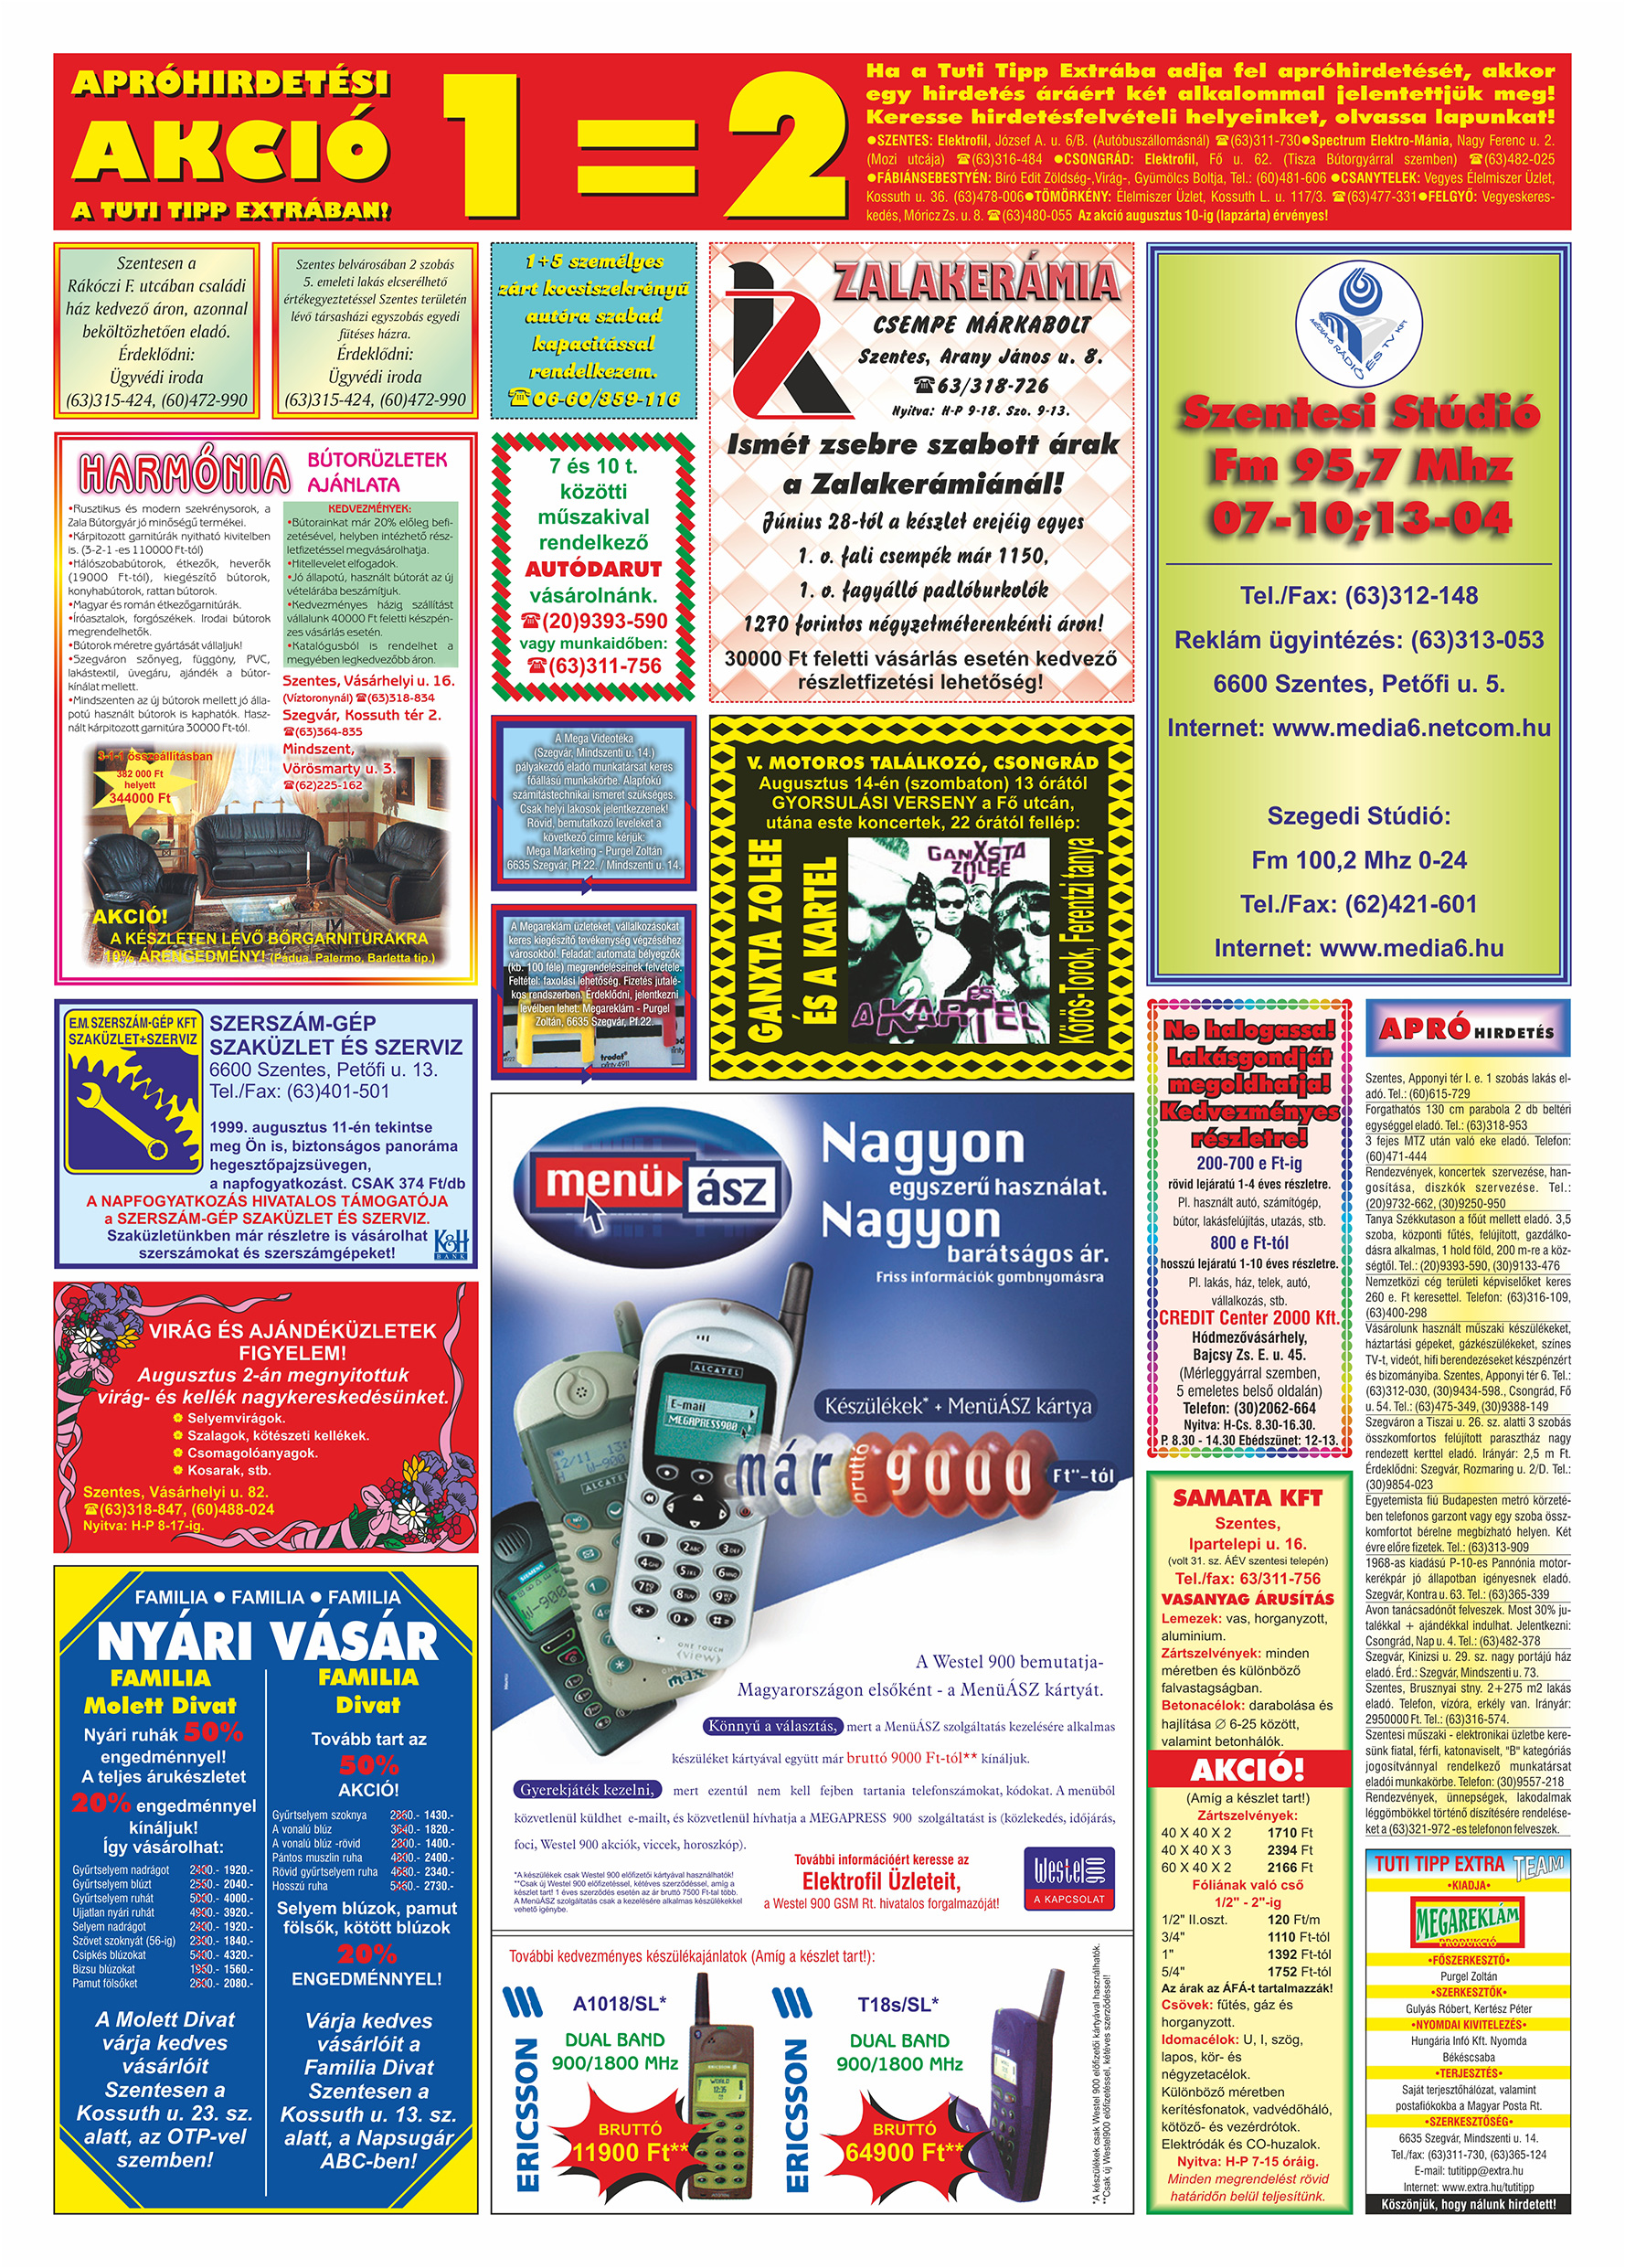 040 Tuti Tipp Extra reklámújság - 19990807-007. lapszám - 2.oldal - V. évfolyam.jpg